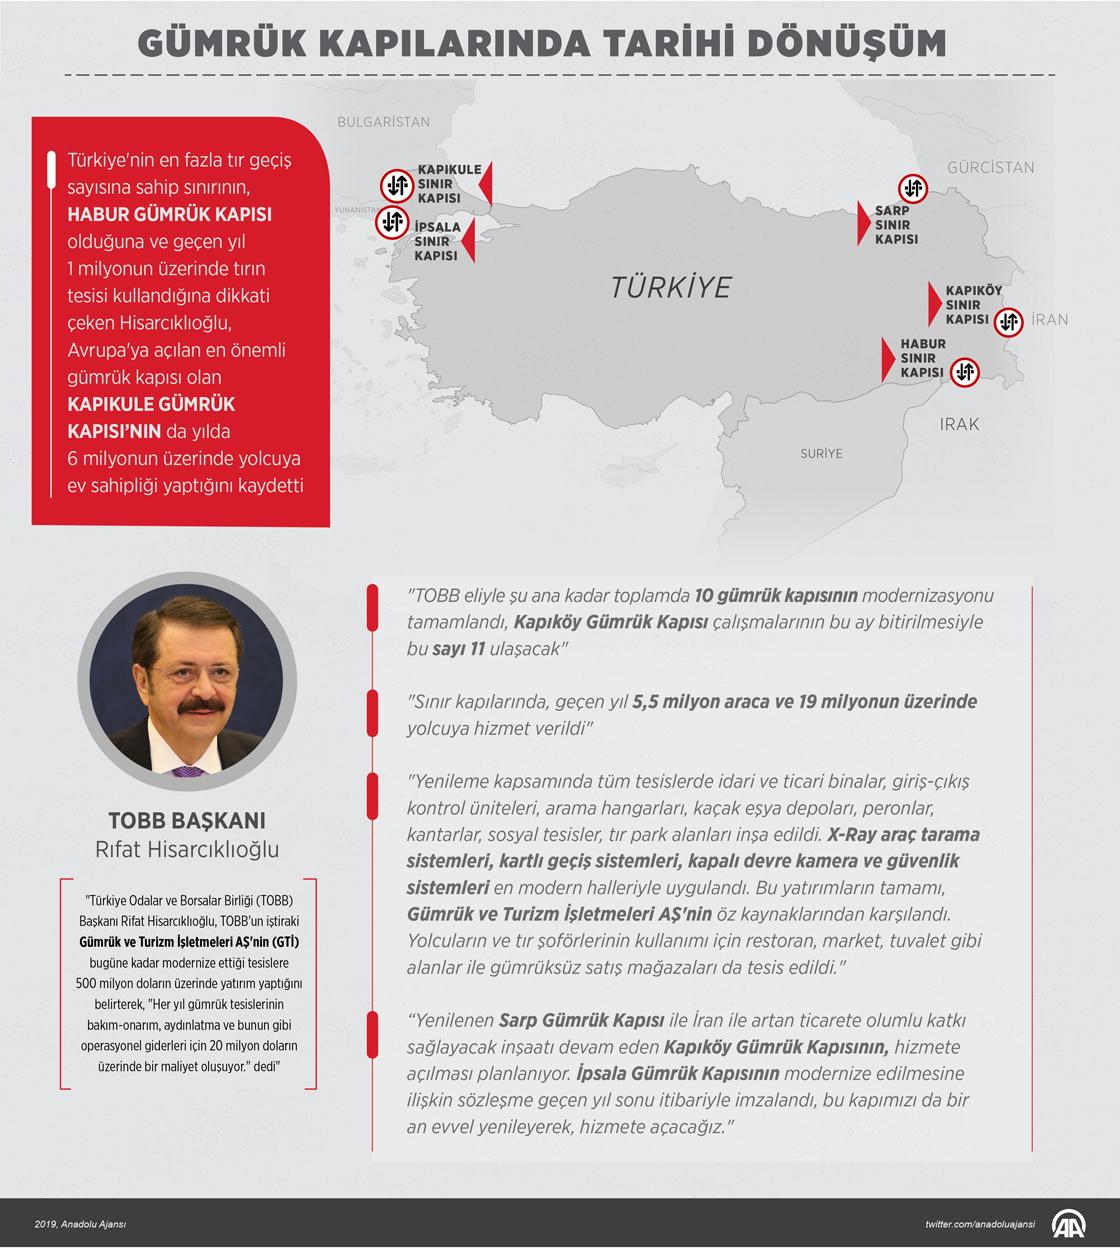 Türkiye'nin gümrük kapılarında tarihi dönüşüm!